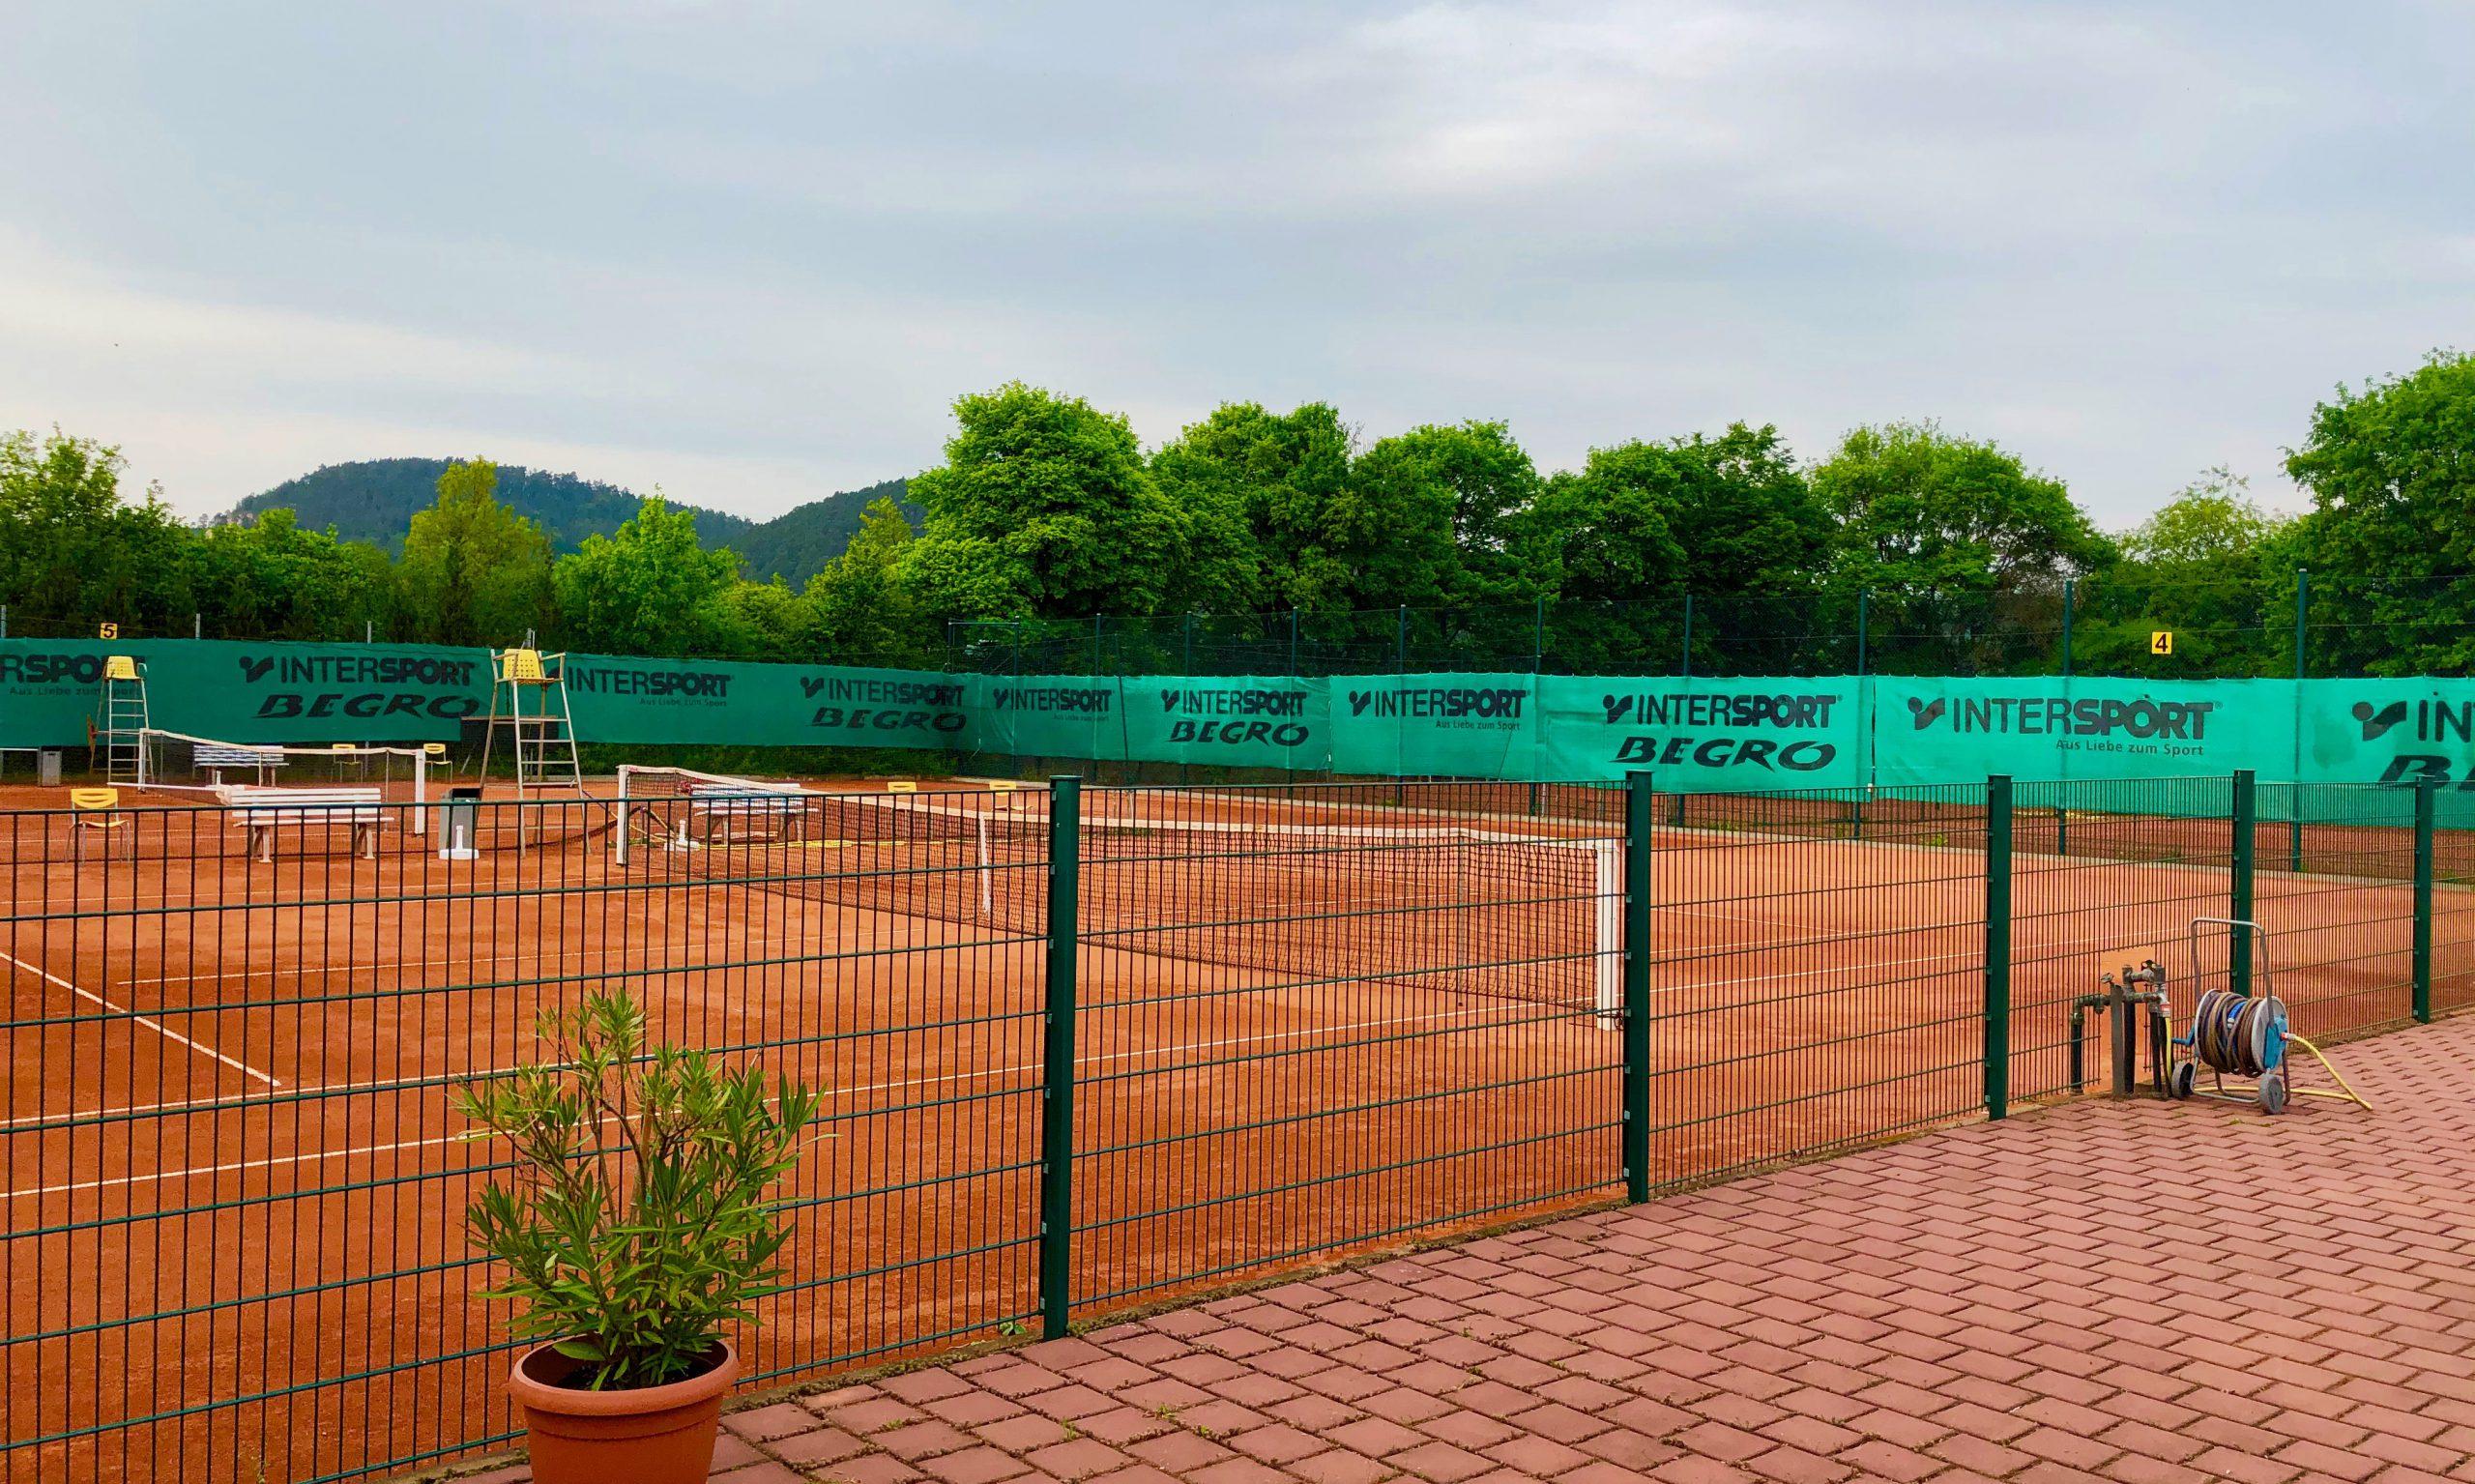 Tennisplätze werden ab 09.05. unter Auflagen geöffnet.